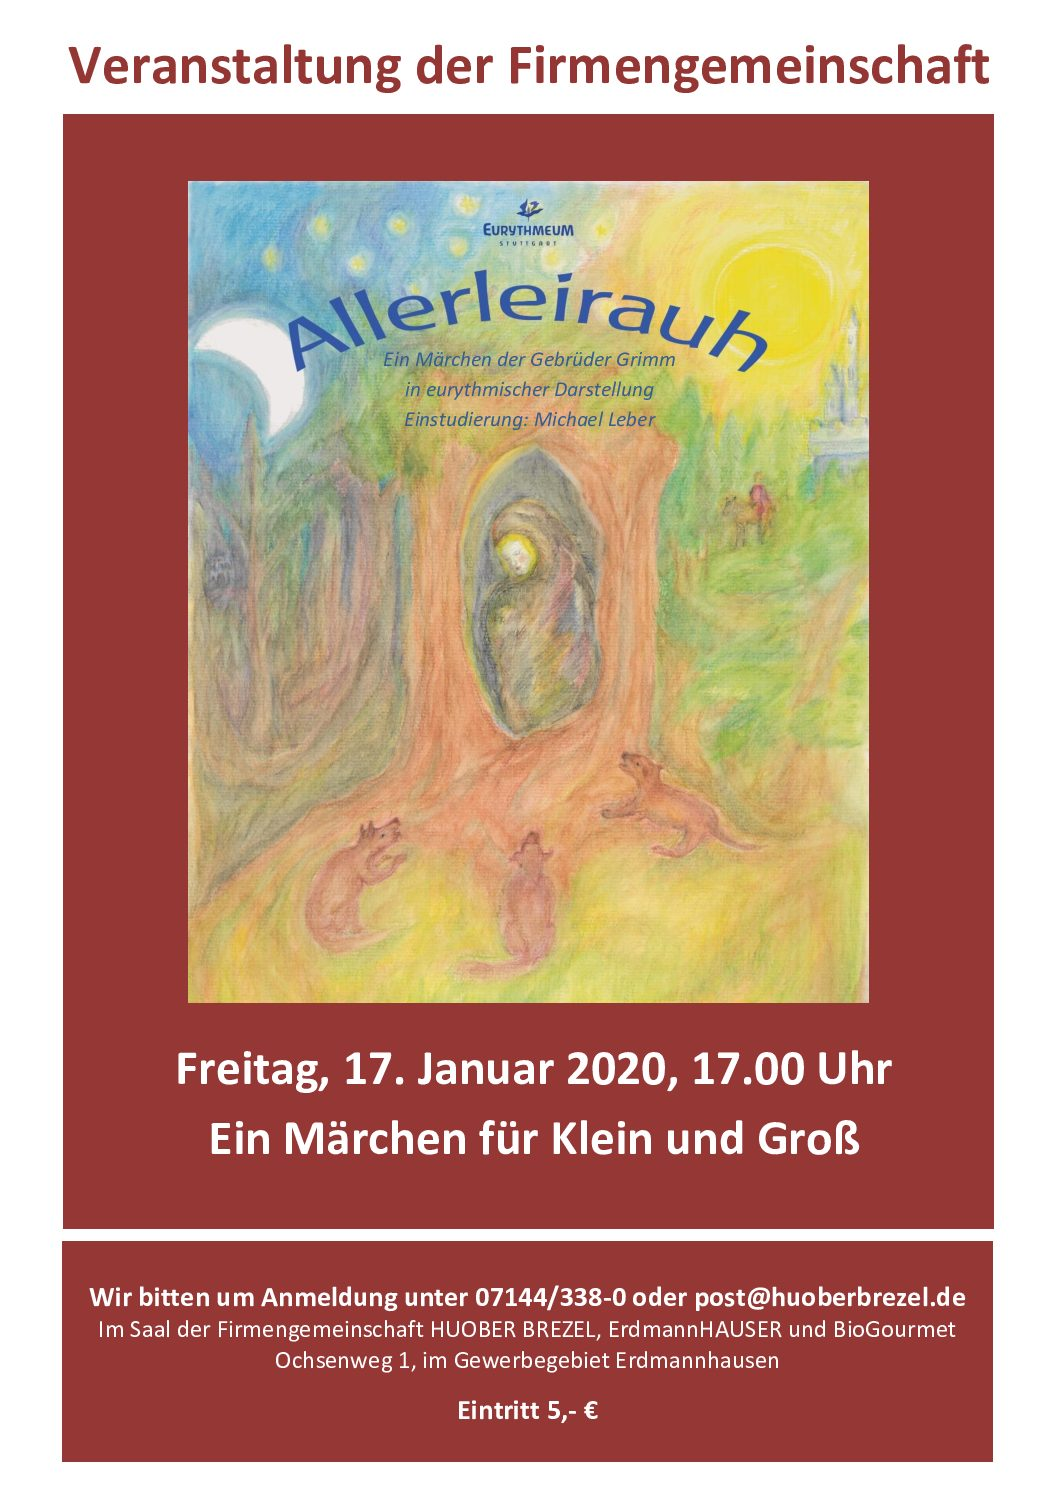 Allerleirauh - ein Märchen für Groß & Klein